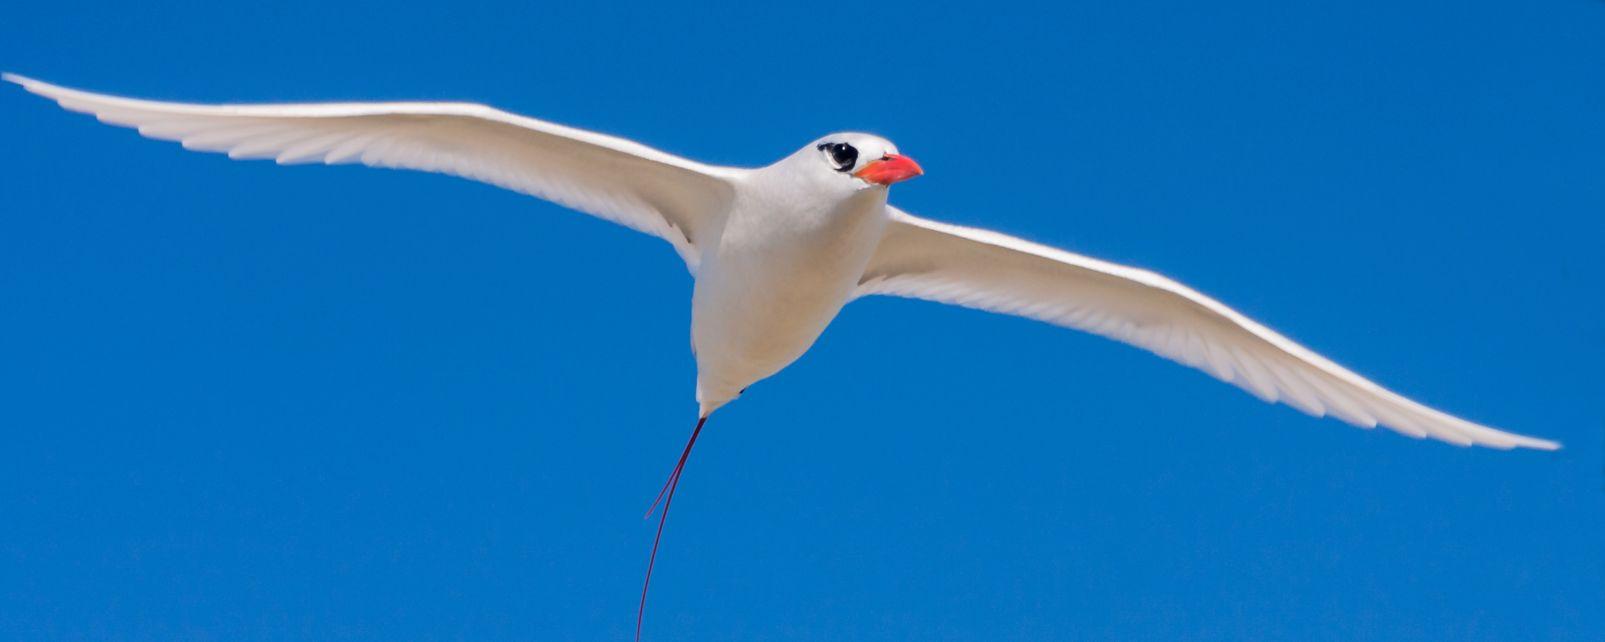 La fauna terrestre, Las aves, La fauna, Isla Mauricio